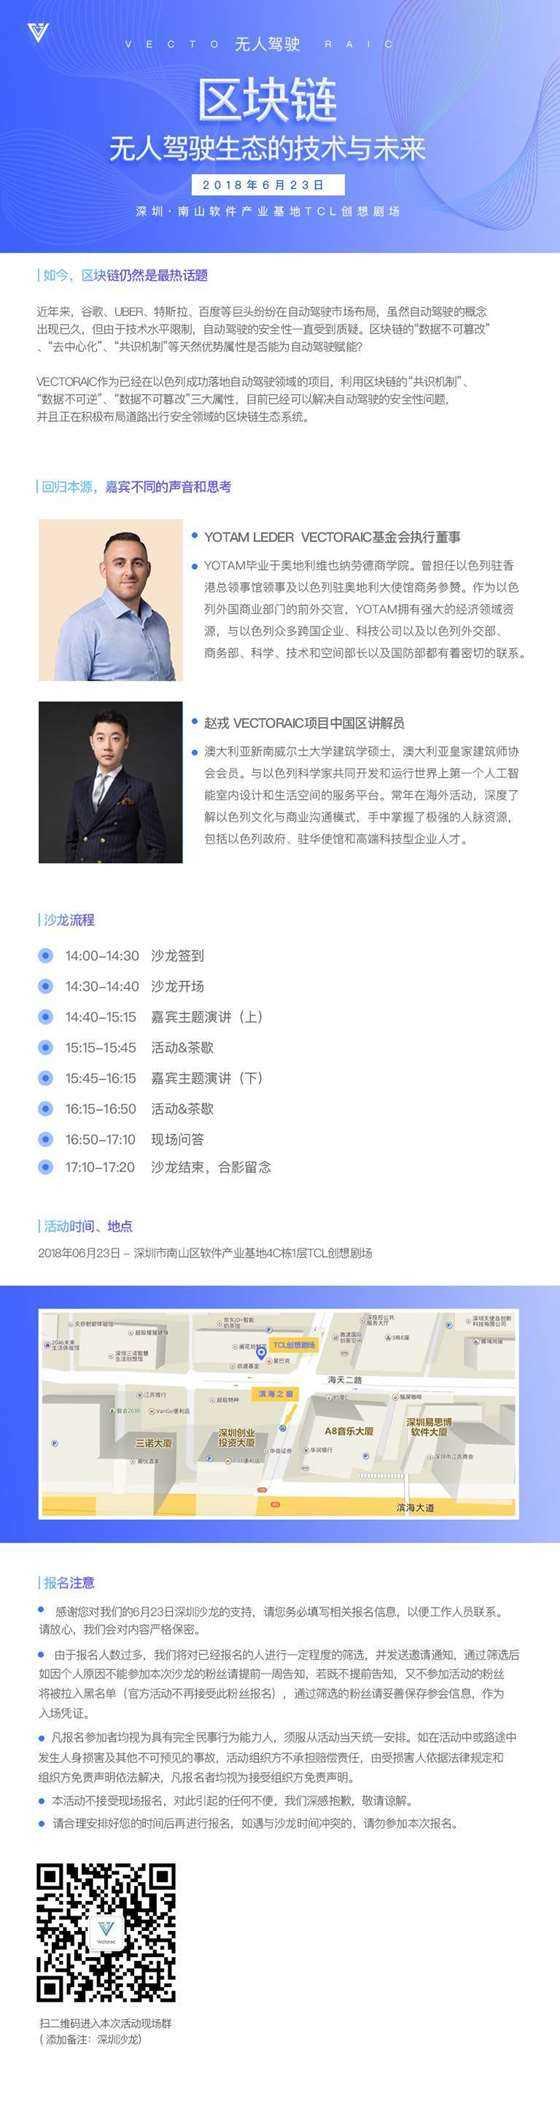 VECTORAIC深圳沙龙活动行.jpg